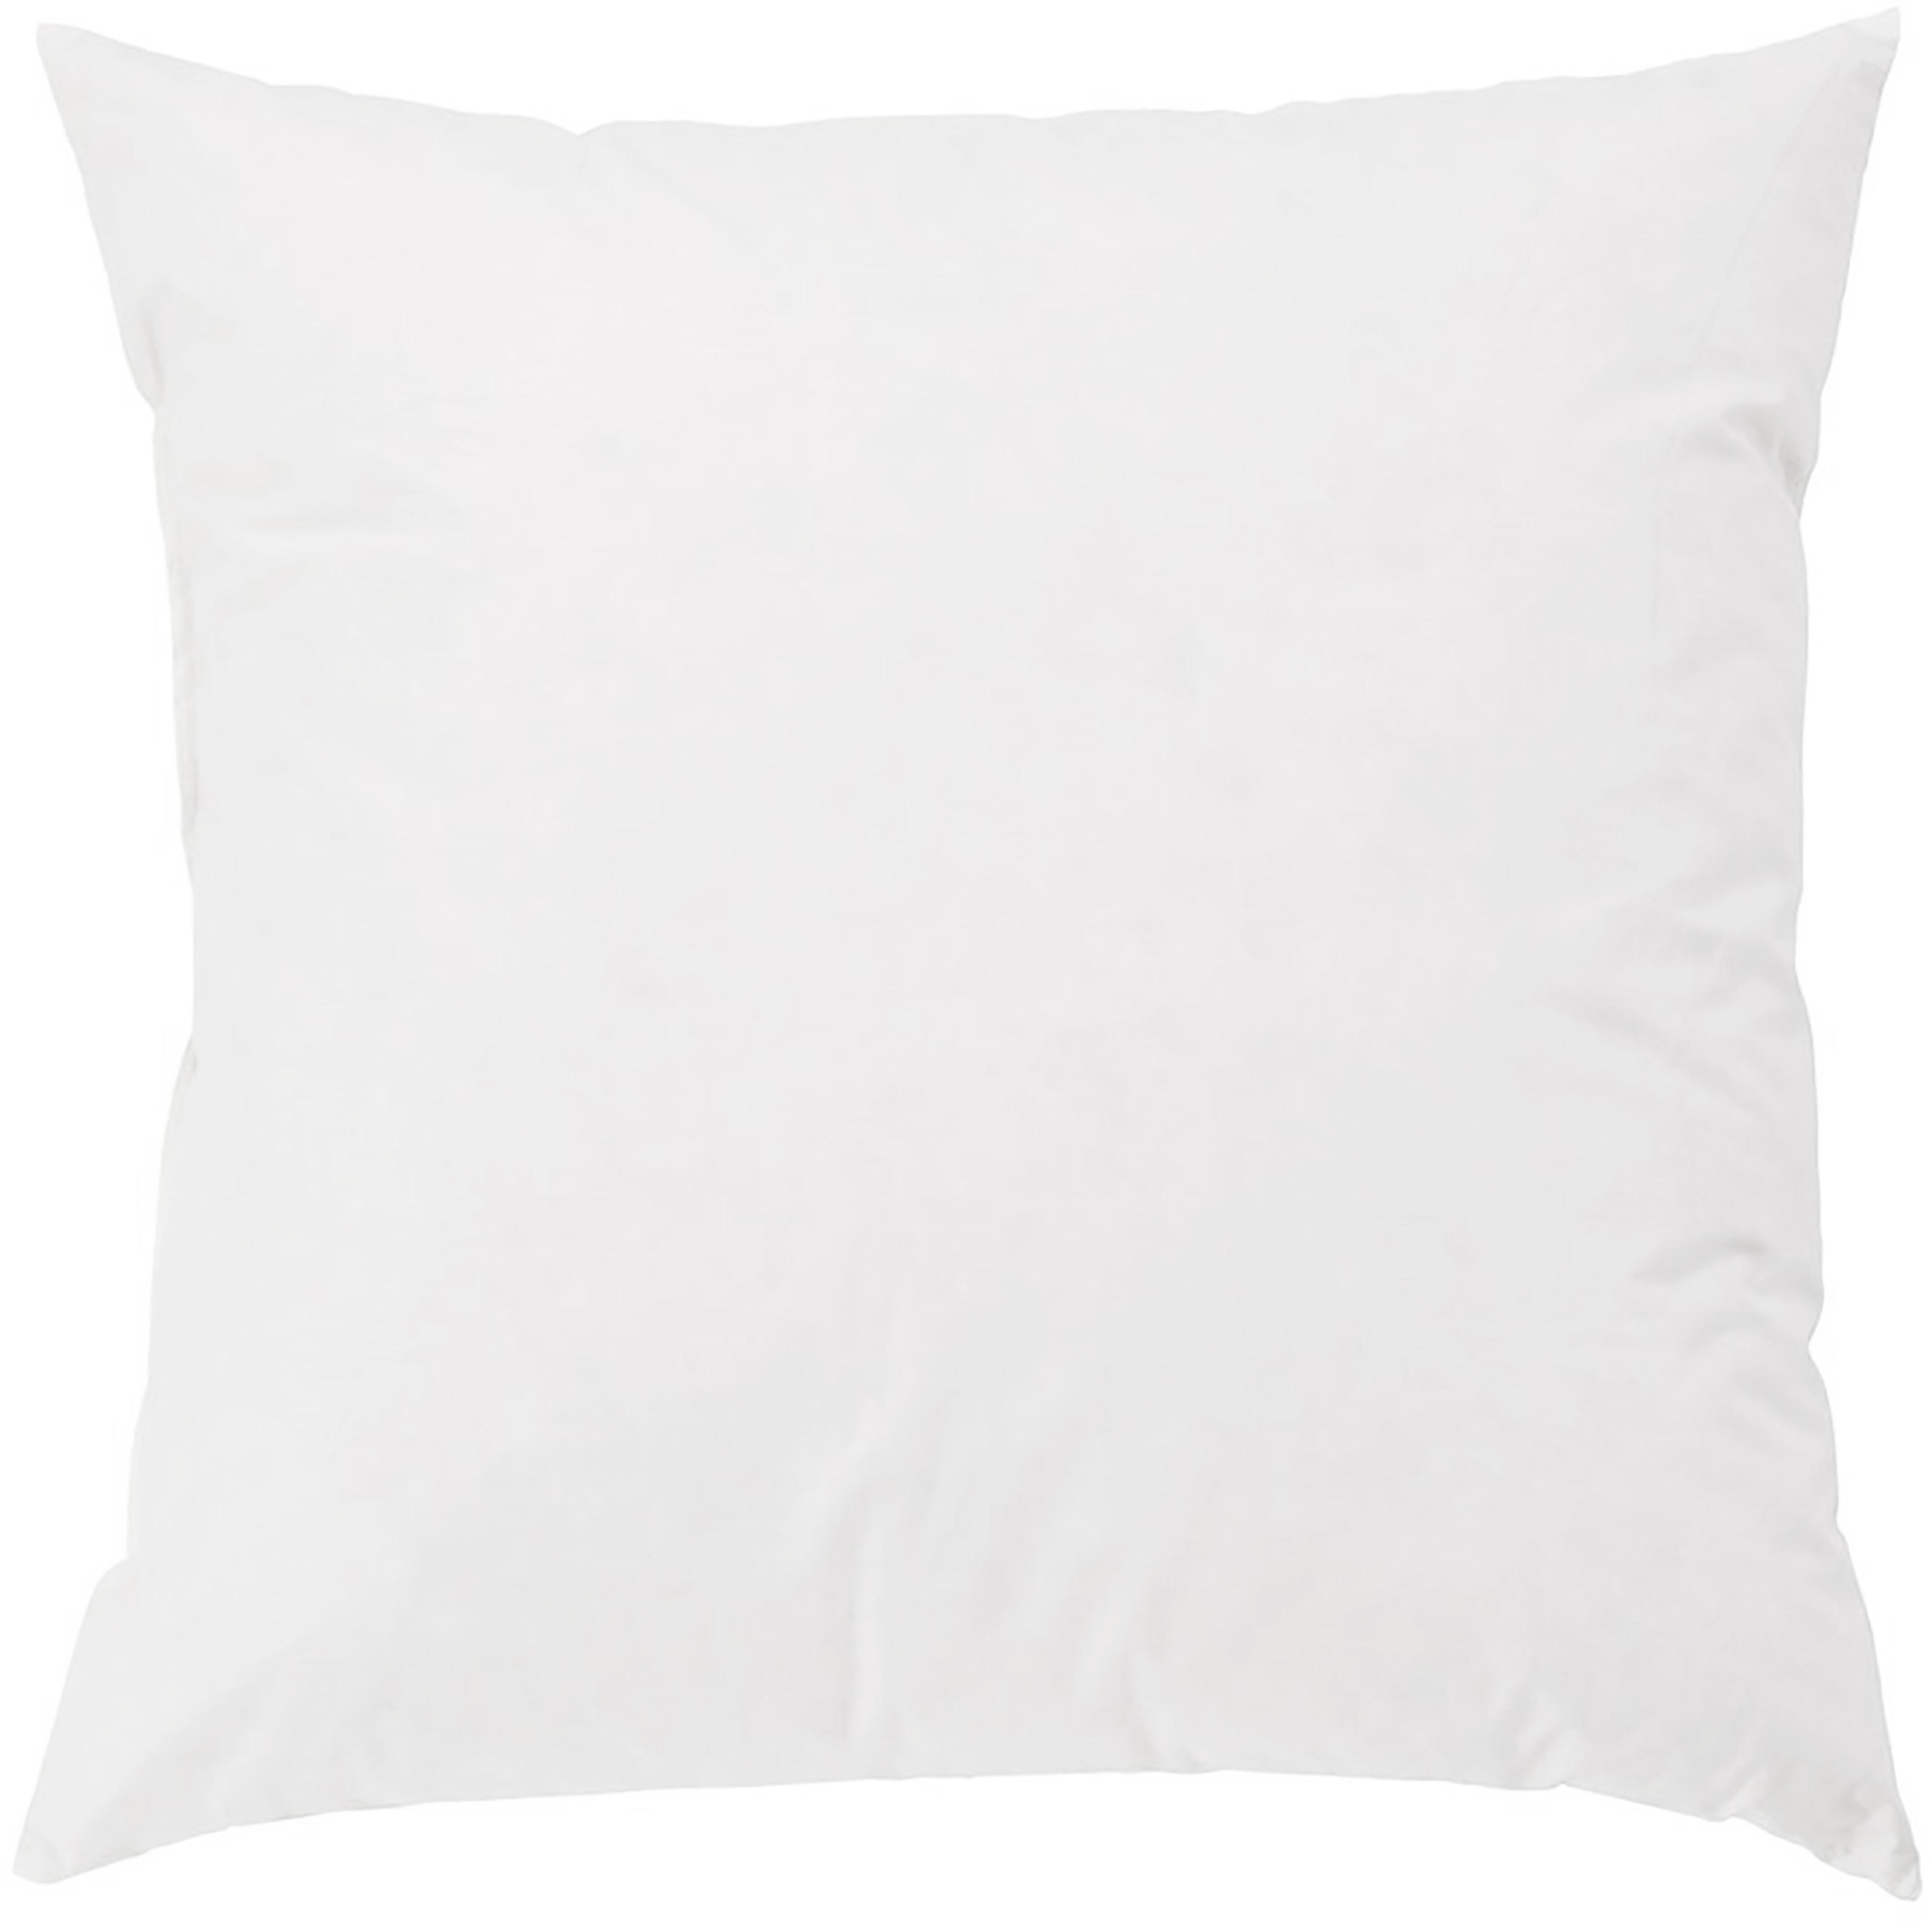 Wypełnienie poduszki dekoracyjnej Premium, 50 x 50, Biały, S 50 x D 50 cm